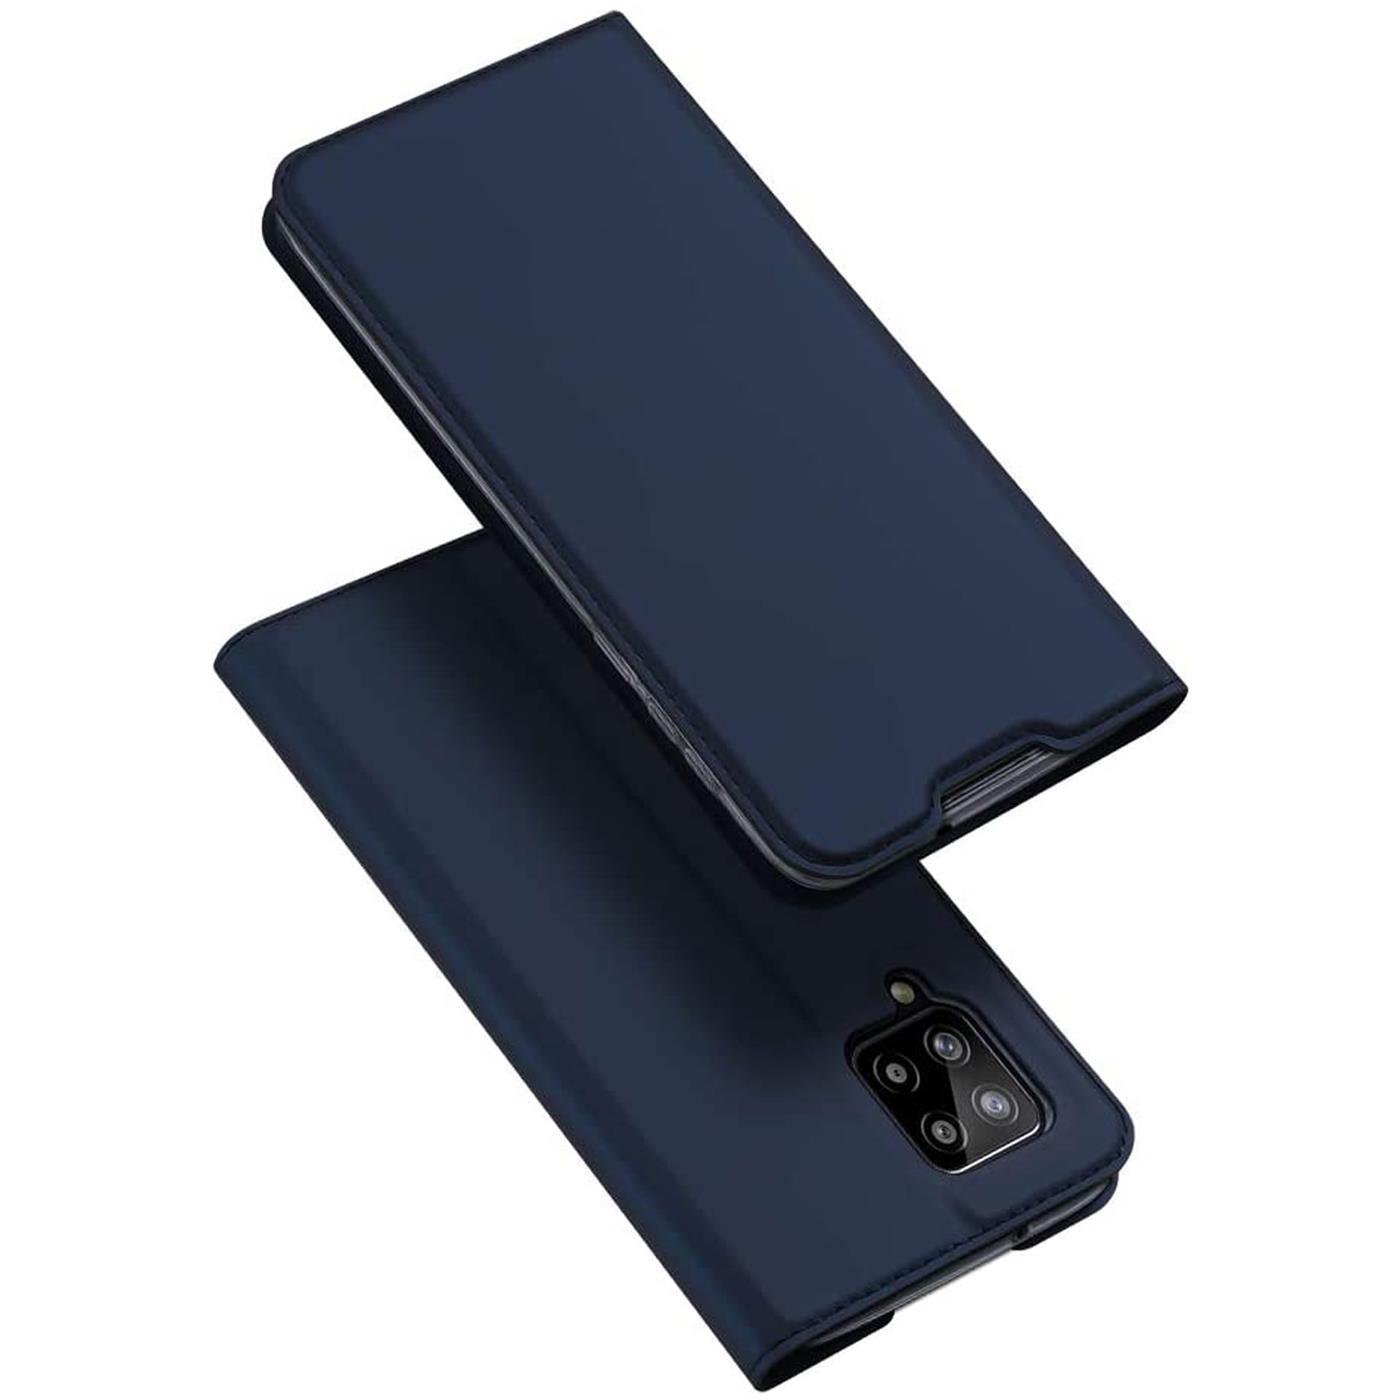 miniatura 12 - Funda de móvil para Samsung Galaxy a12 m12, funda protectora Book Funda protectora móvil cartera cover